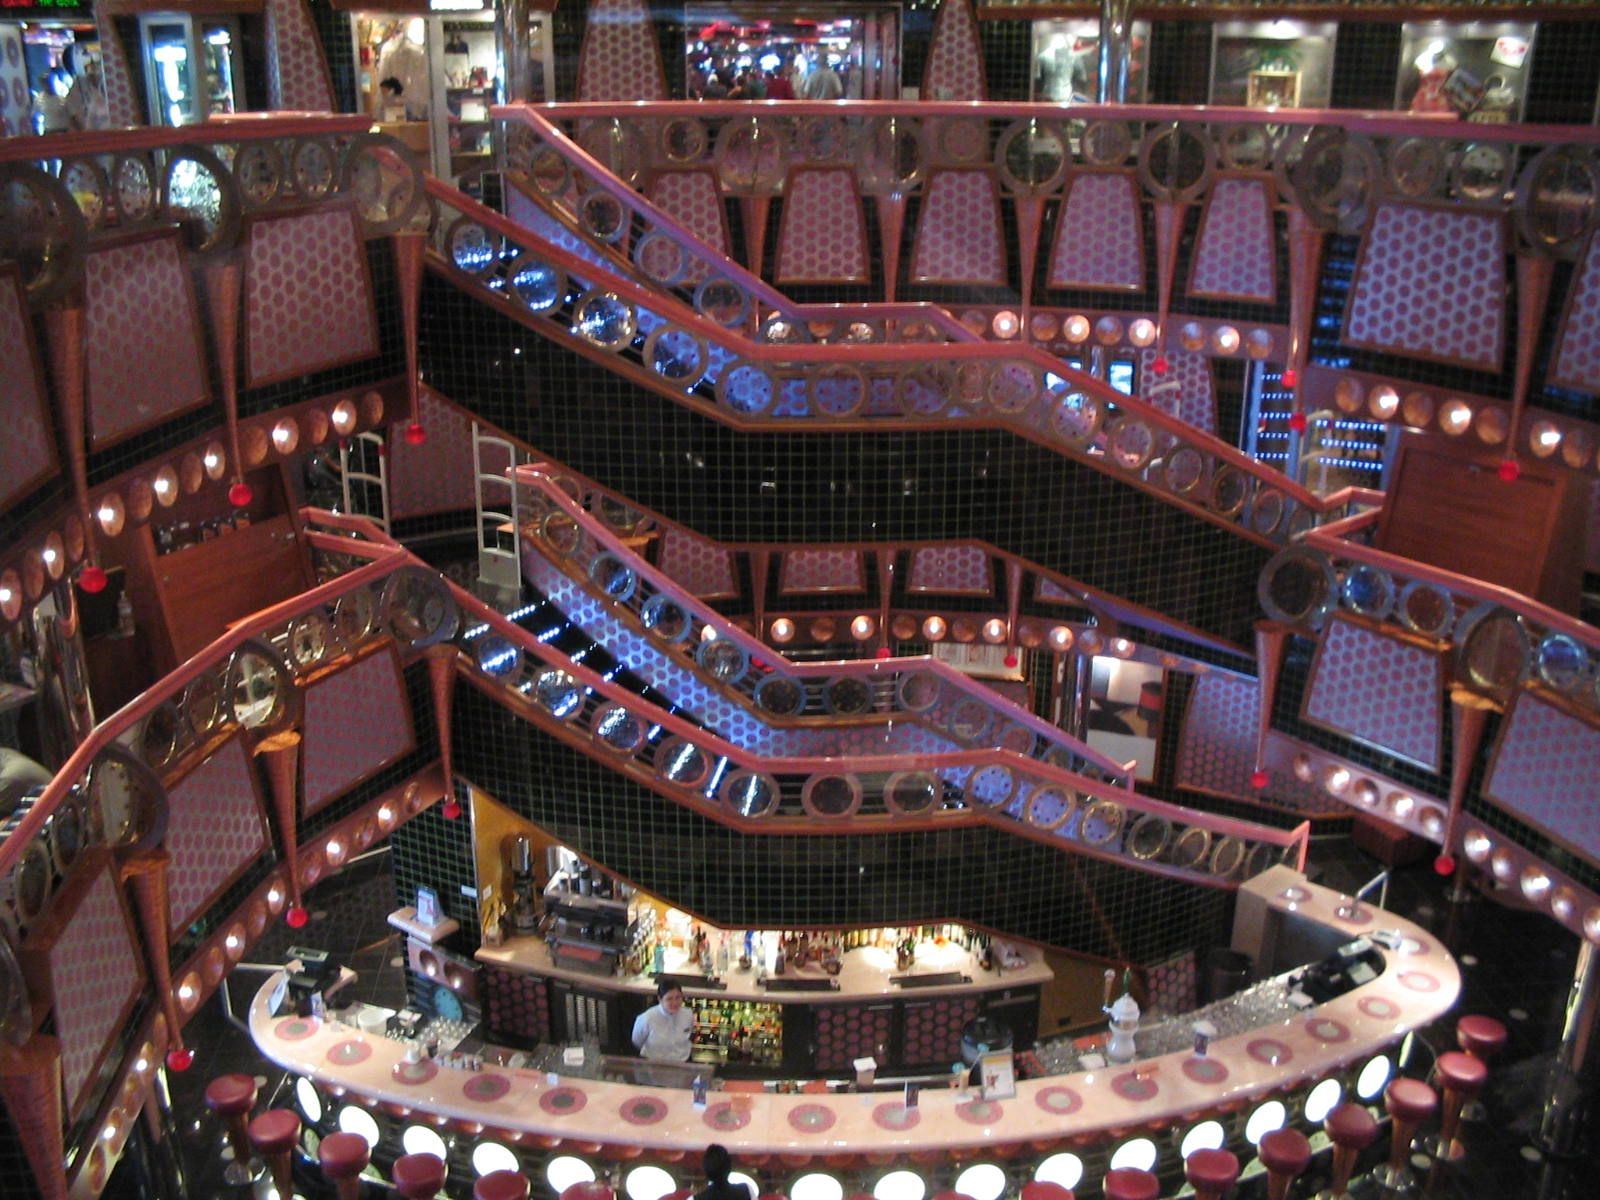 Image Detail For Carnival Splendor Review  Carnival Cruise Lines  Journeys